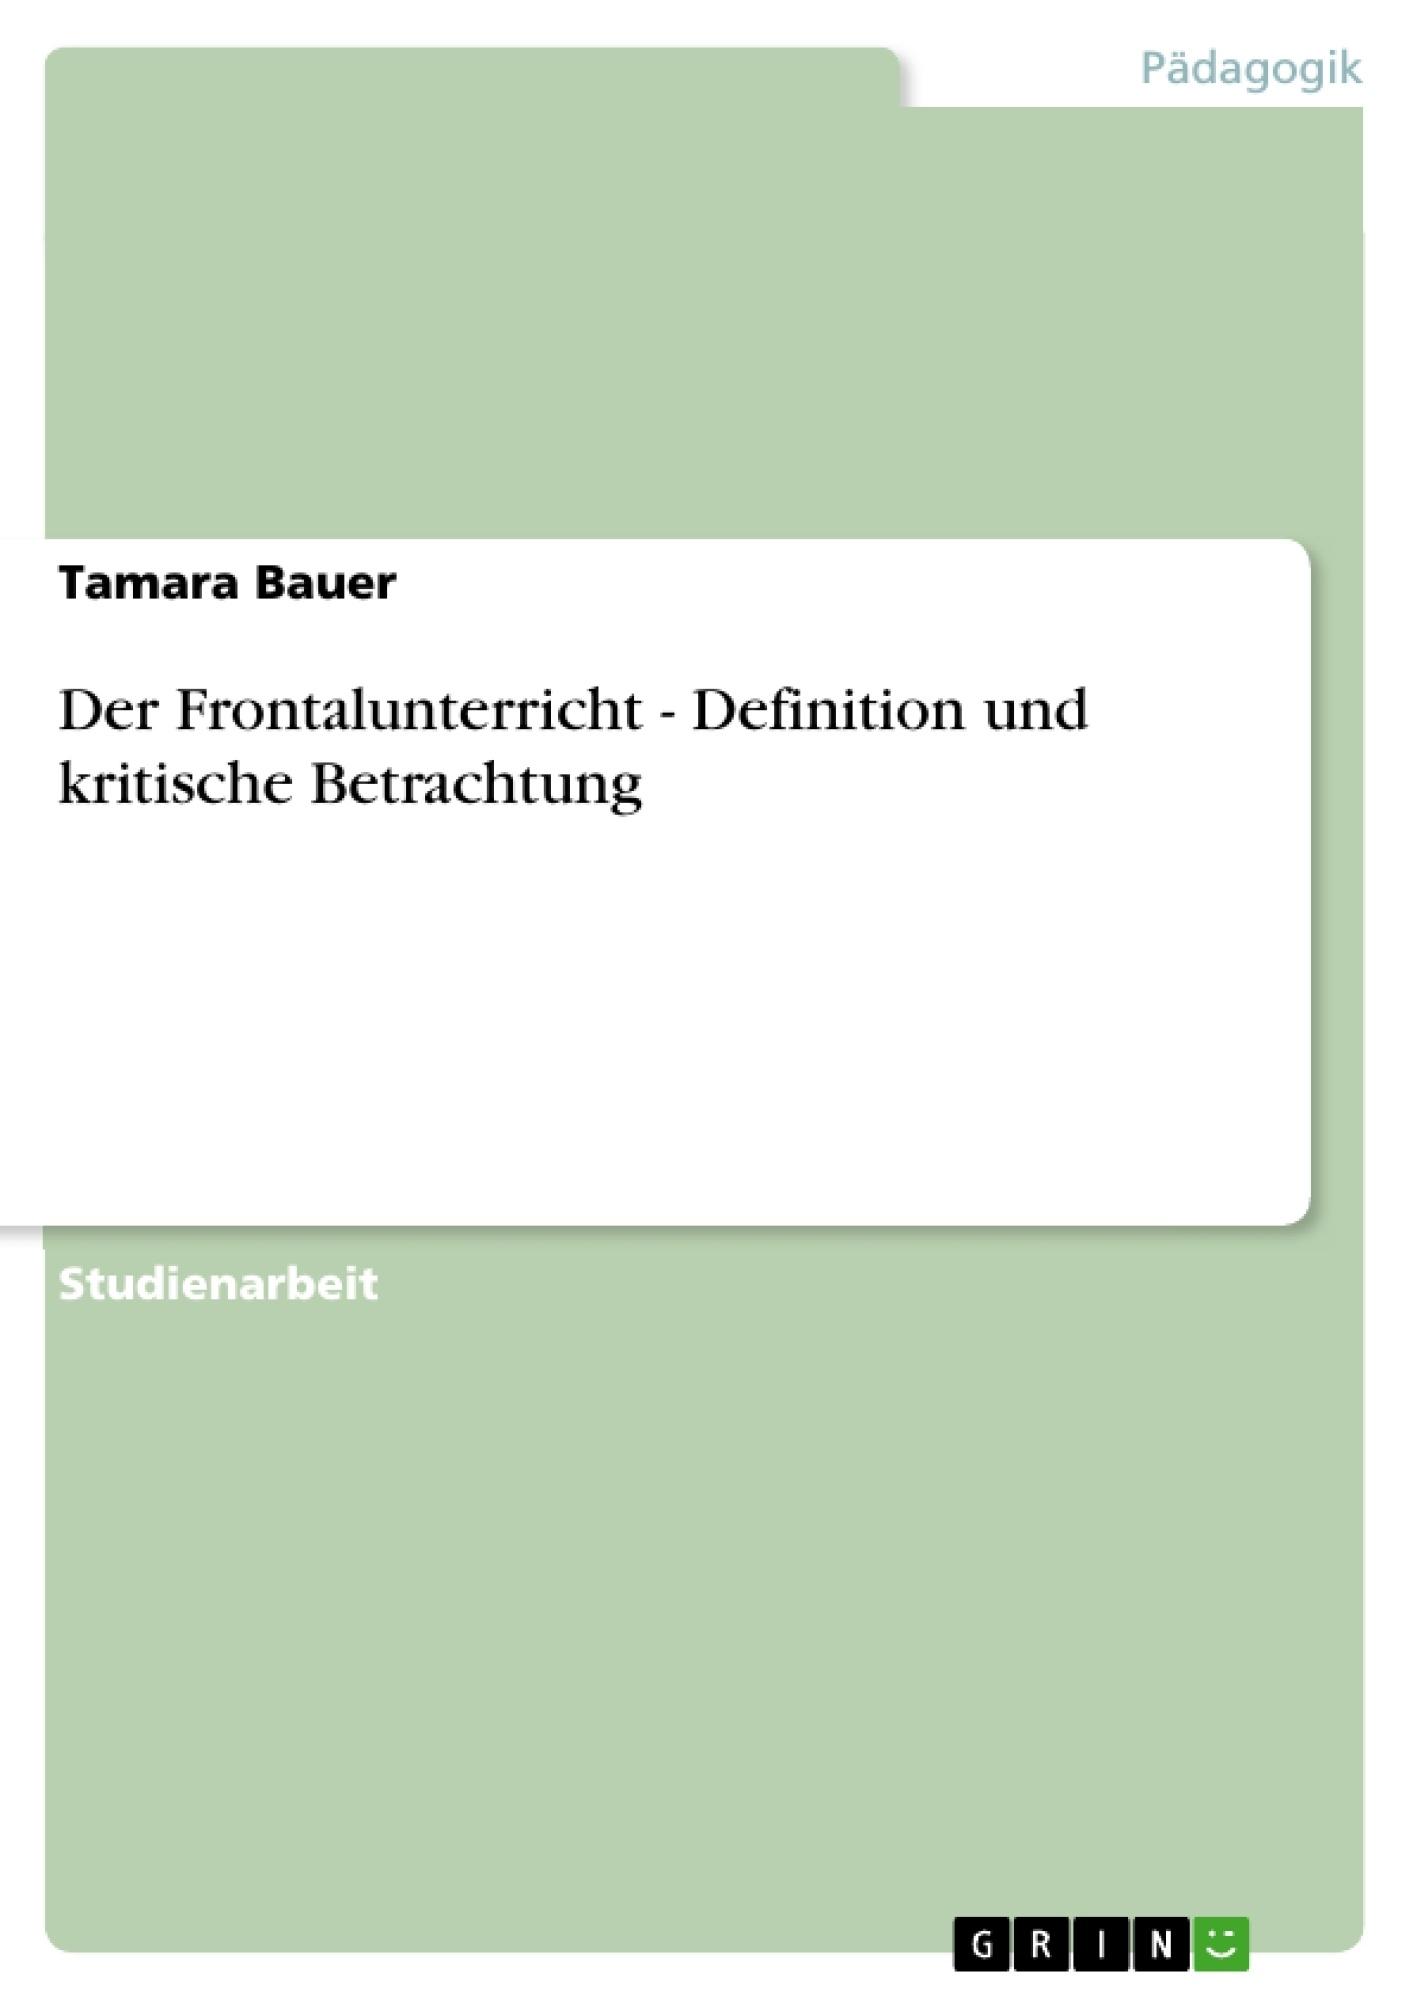 Titel: Der Frontalunterricht - Definition und kritische Betrachtung